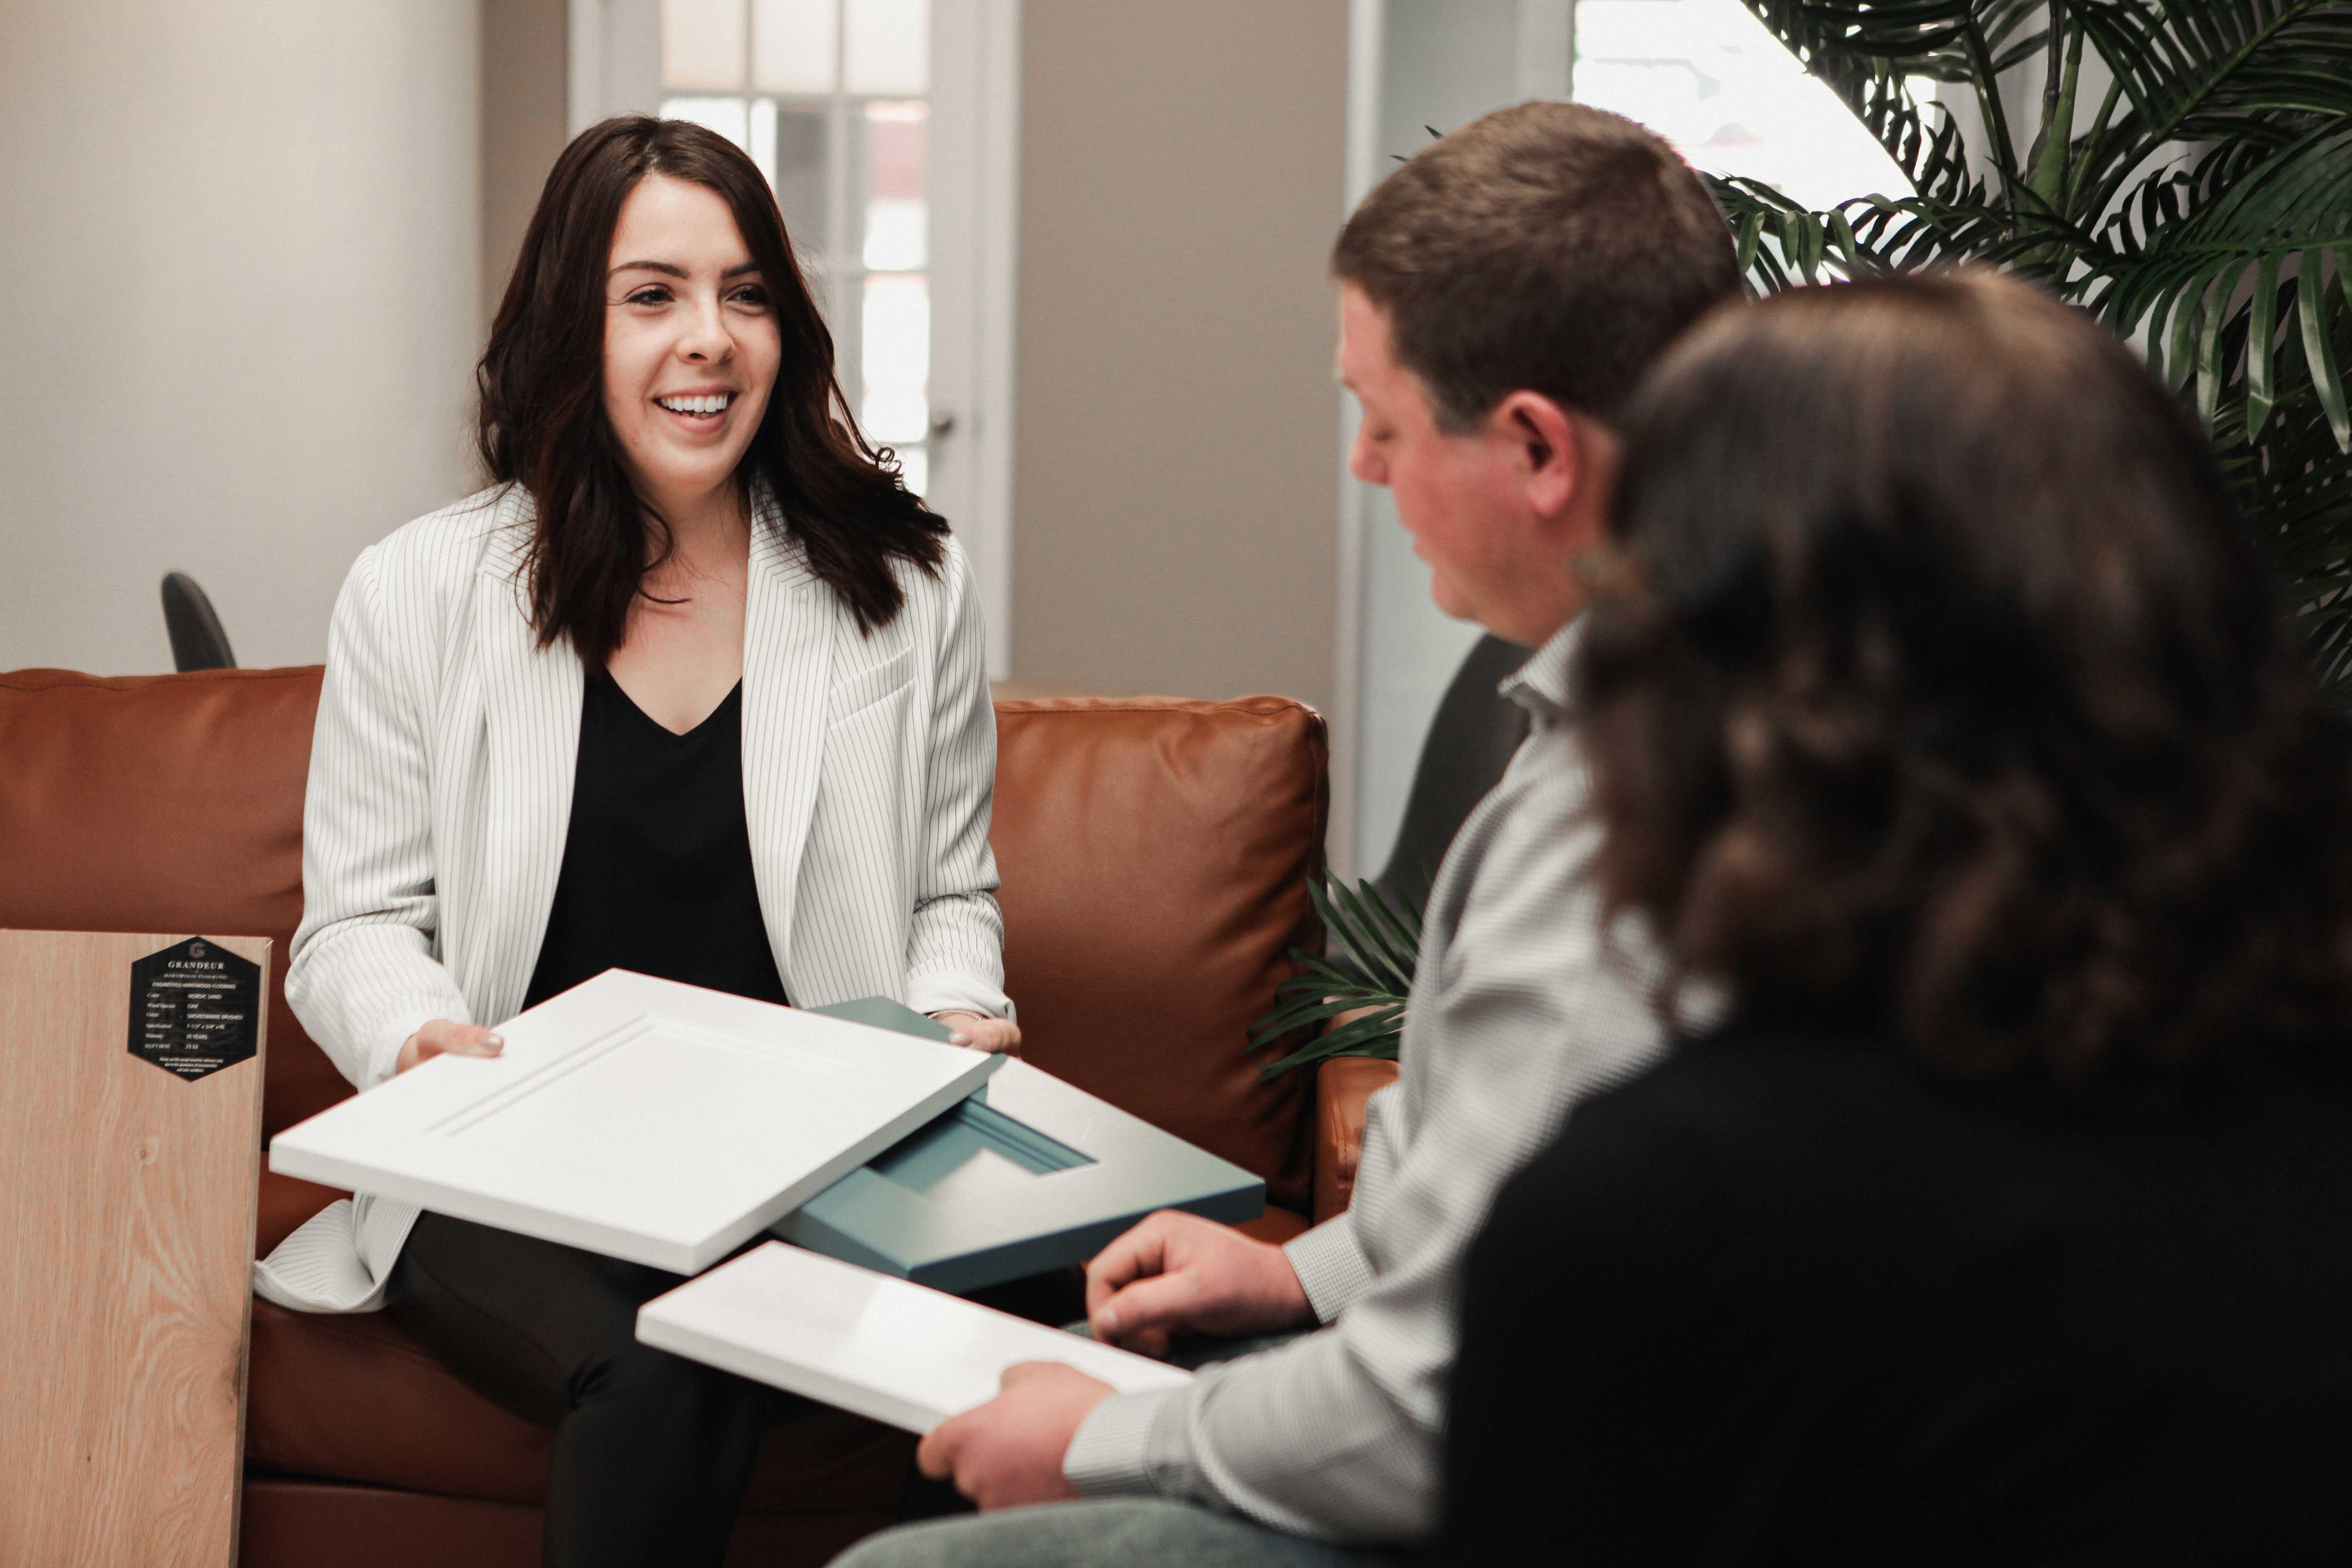 Taneigha, Interior Designer at Menard & Robertson, guiding clients through some samples